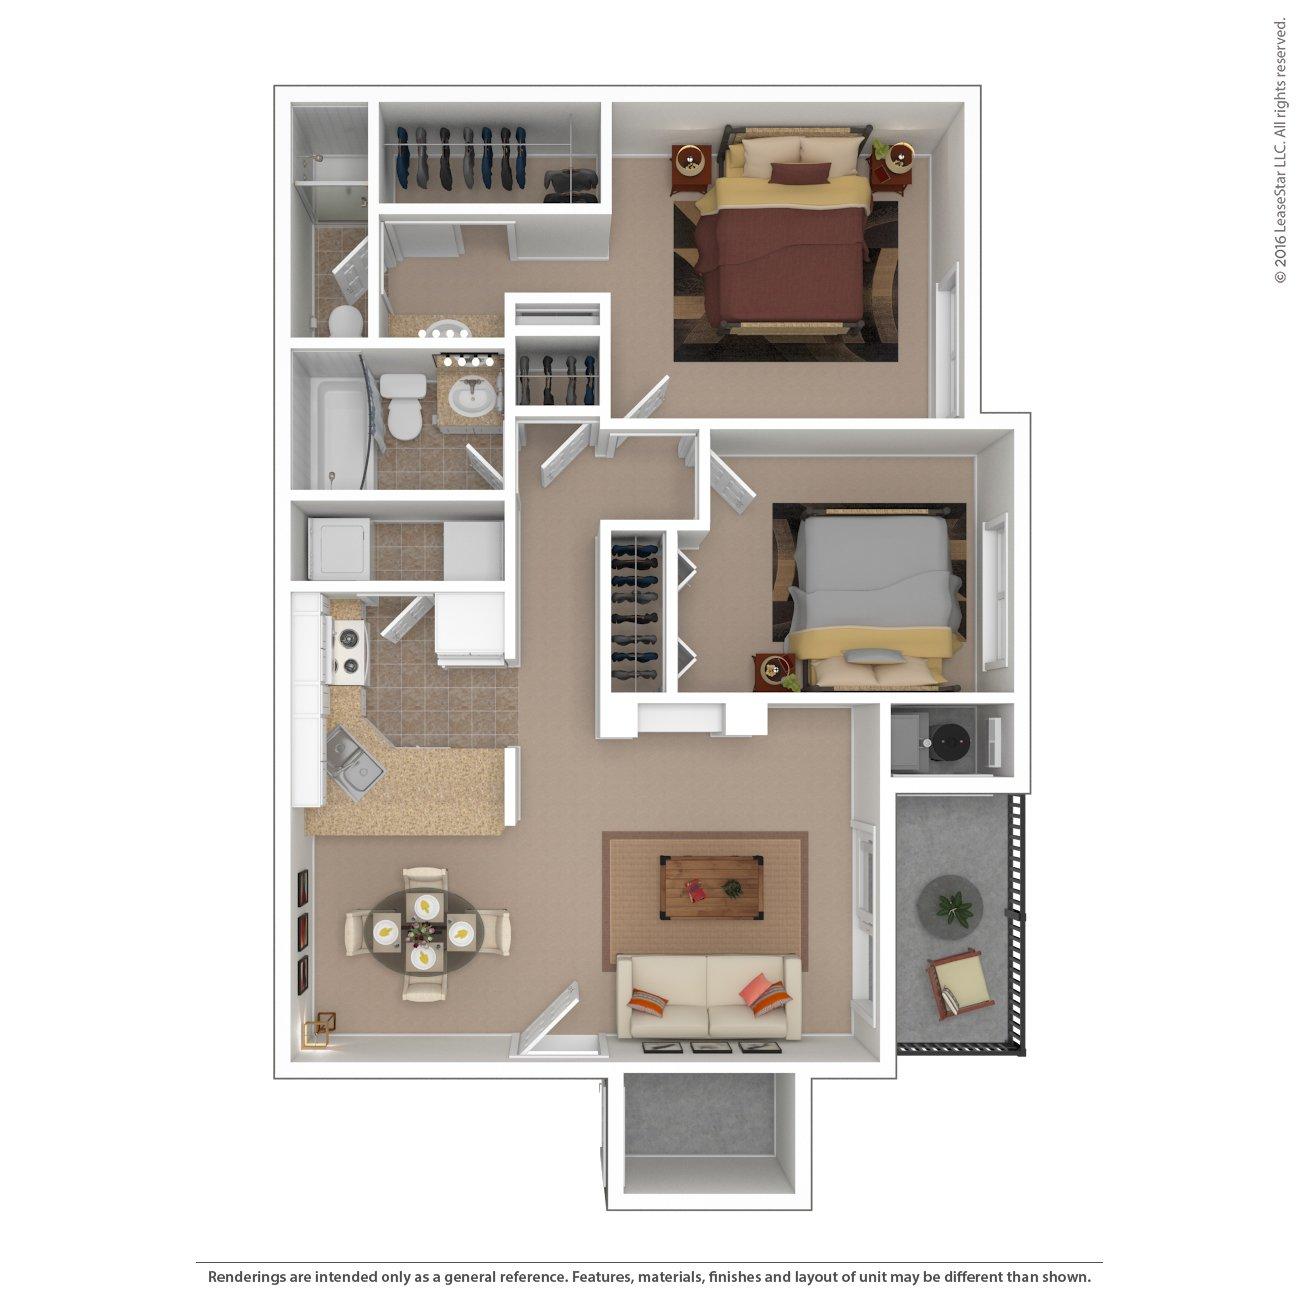 San Carlos Apartments in Salt Lake City, UT